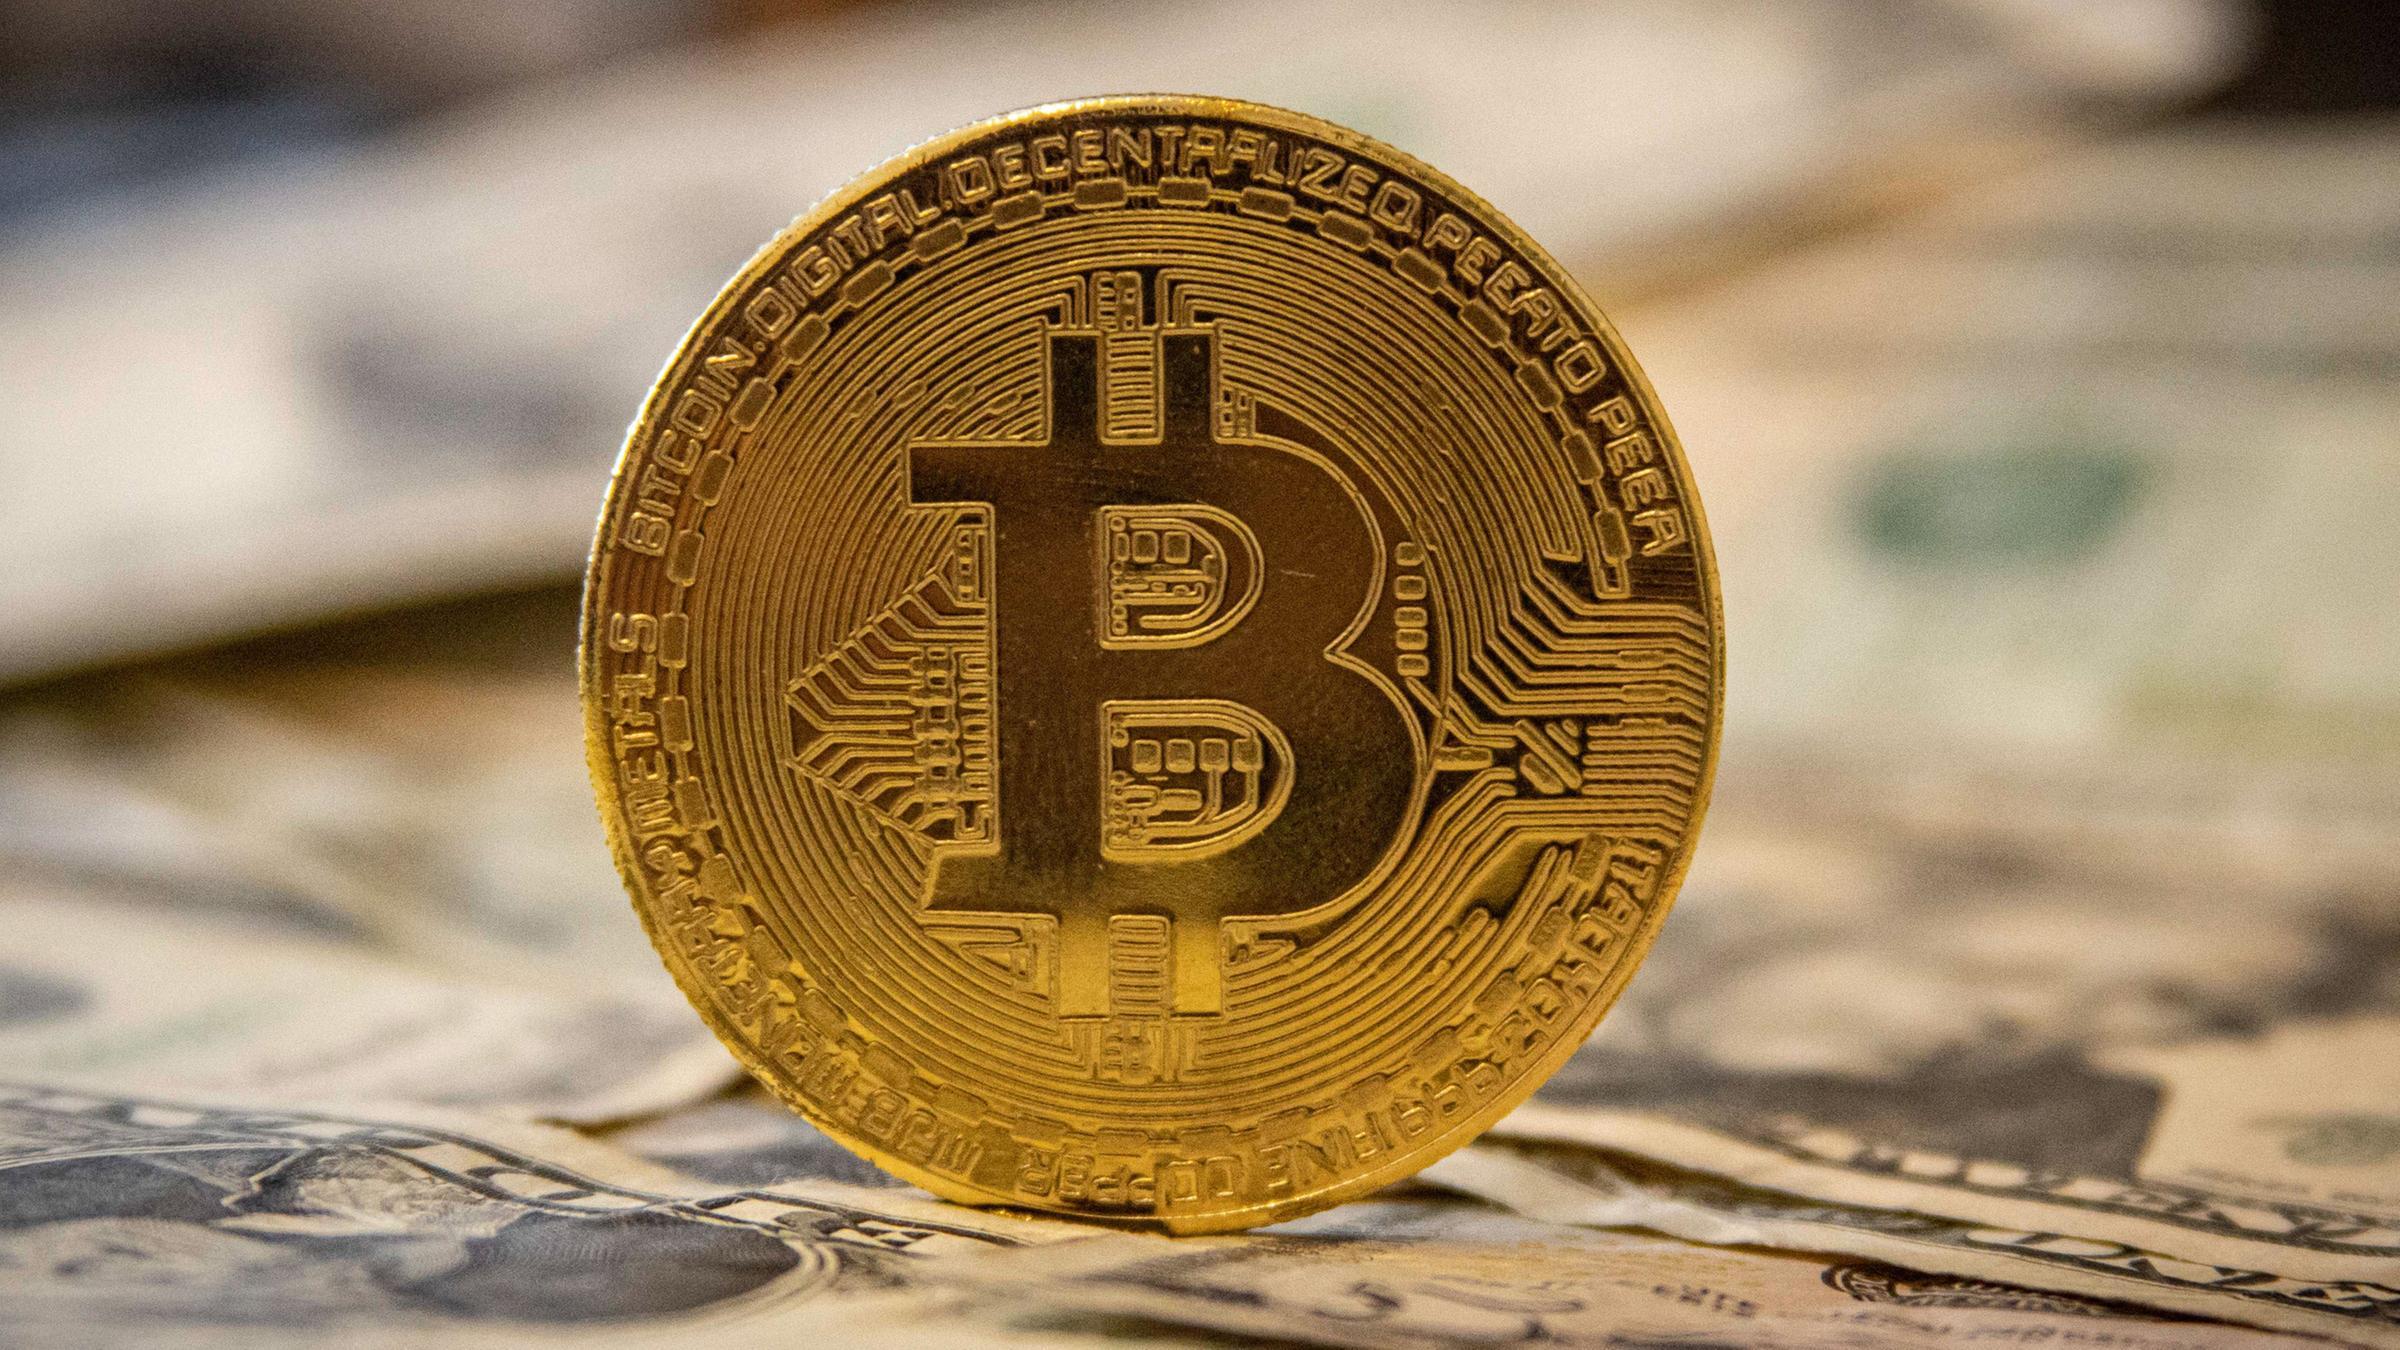 Bitcoin registrieren